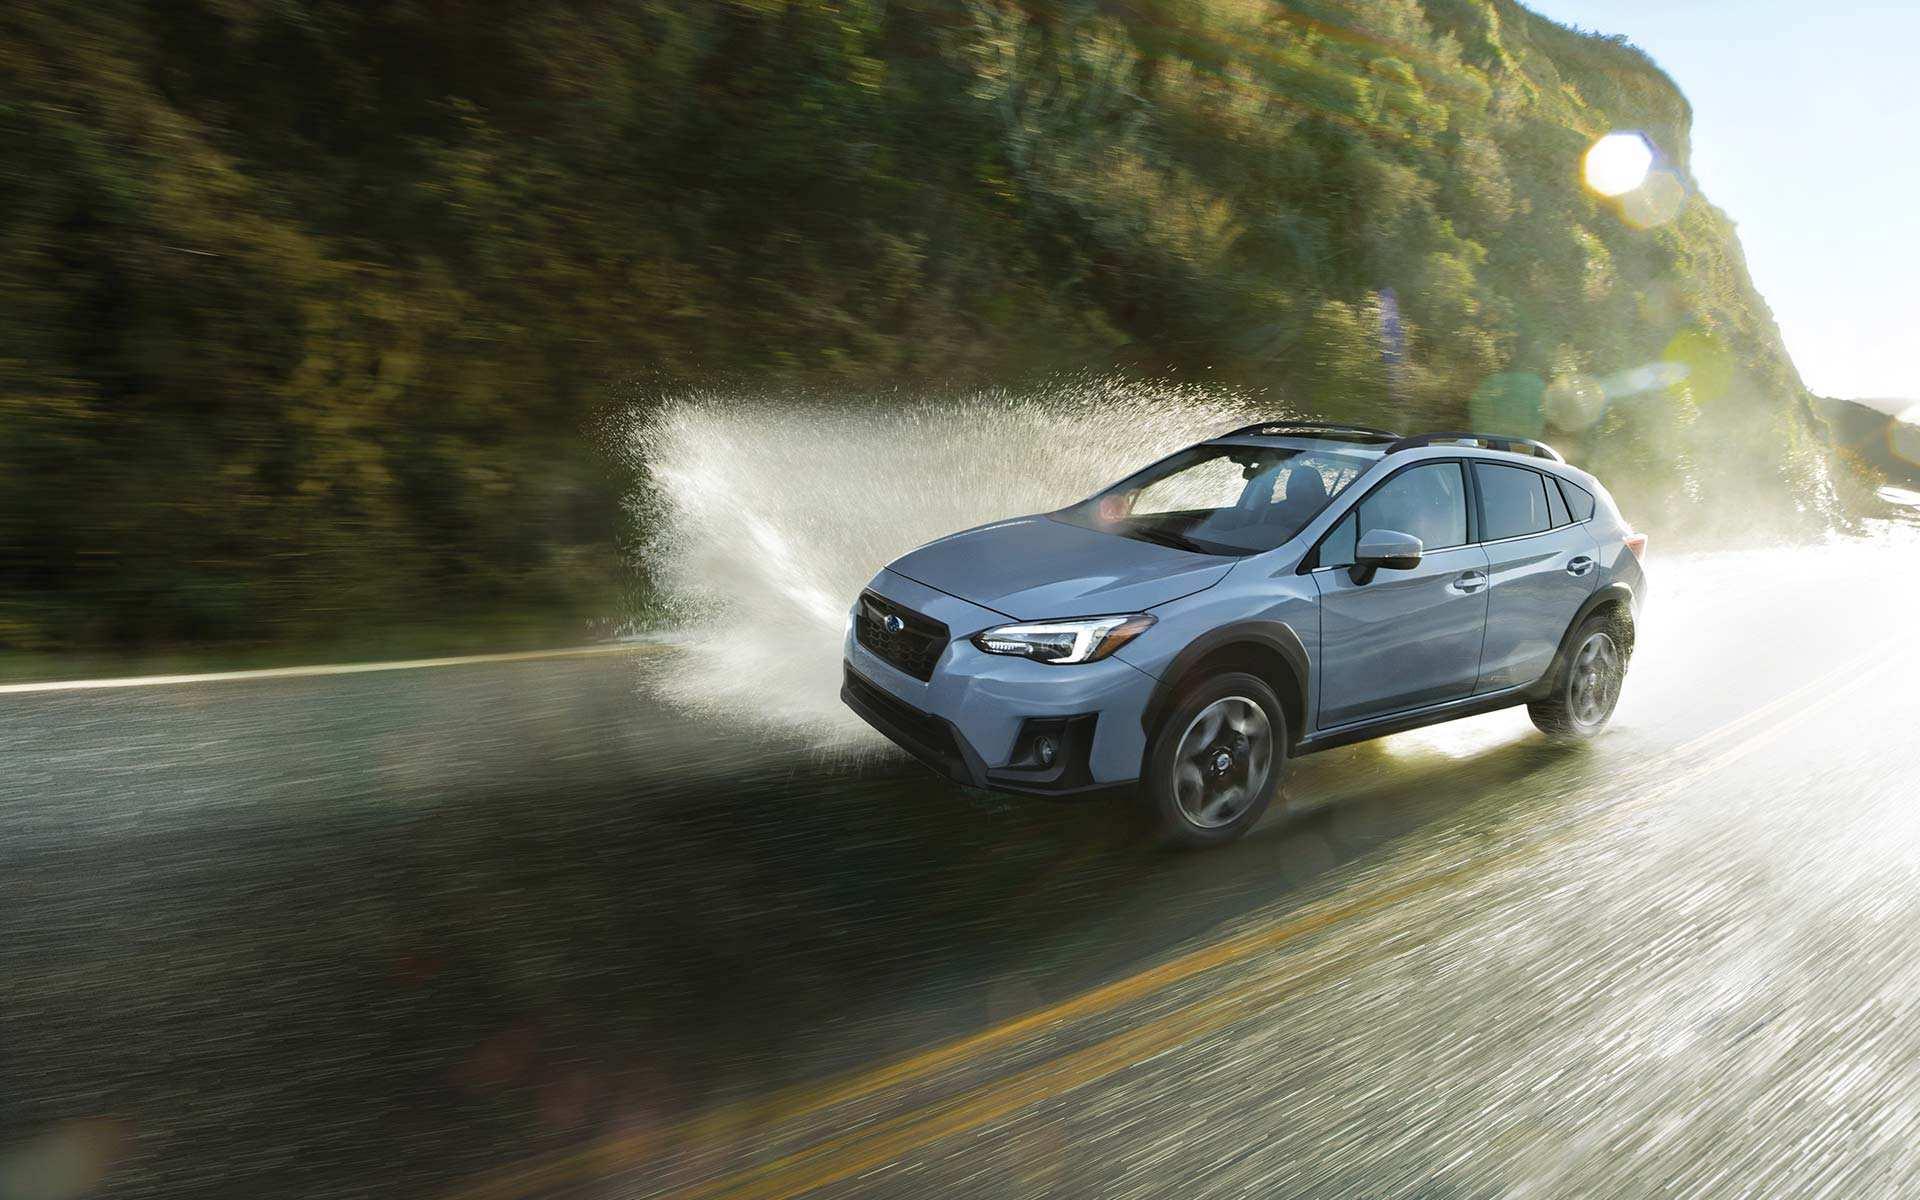 74 Concept of The Subaru 2019 Crosstrek Overview Release Date with The Subaru 2019 Crosstrek Overview